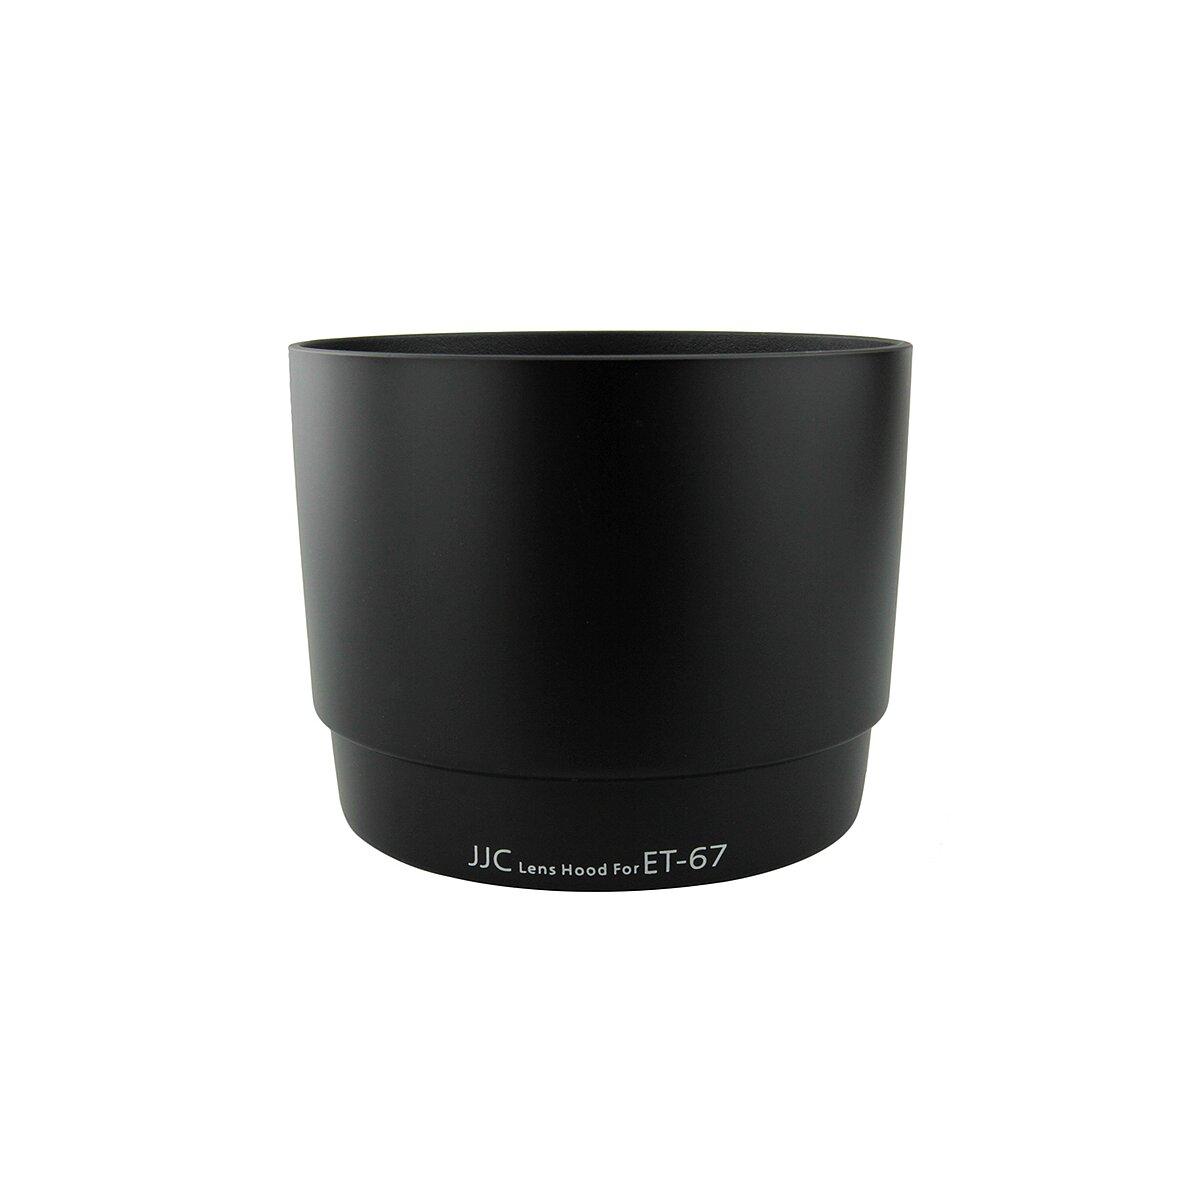 Sonnenblende kompatibel mit Canon Objektive EF 100mm f/2,8 Macro & EF 100mm f/2,8 Macro USM - Ersatz für ET-67